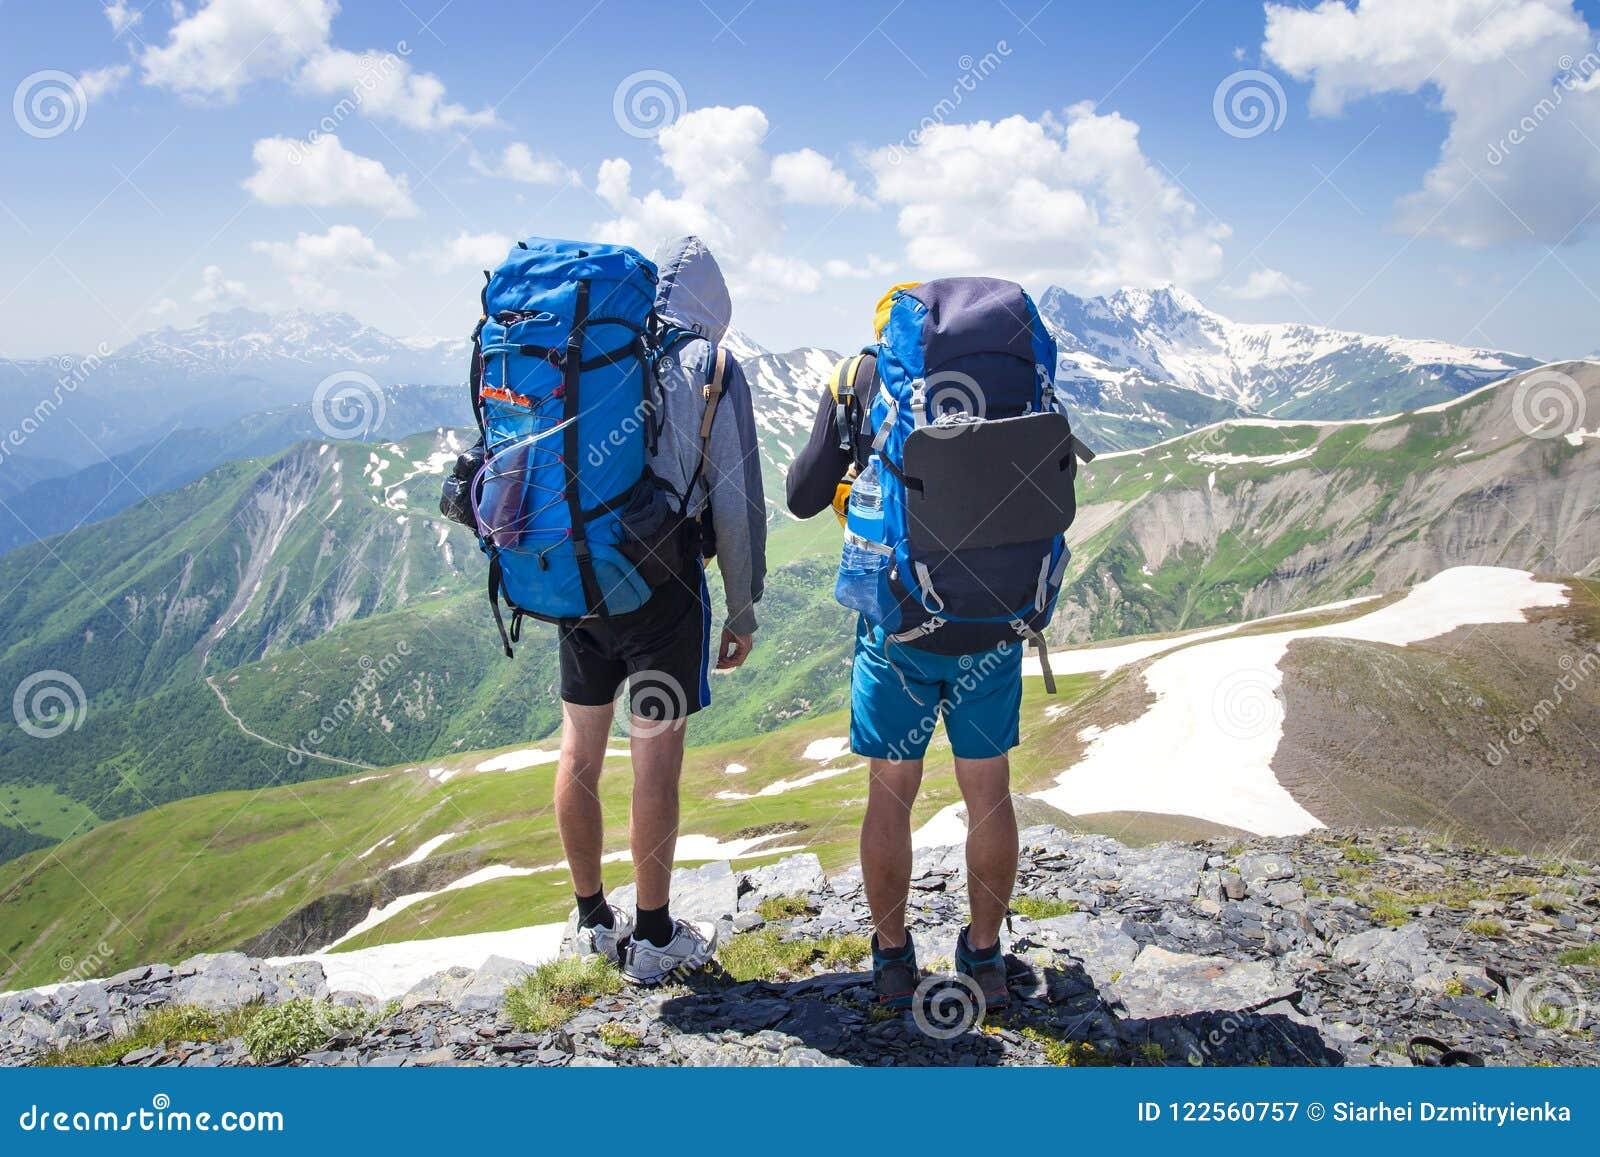 Le Ensoleillé Dos Randonneurs À Jour En Deux Montagnes Des Avec Sacs QrthCdsx